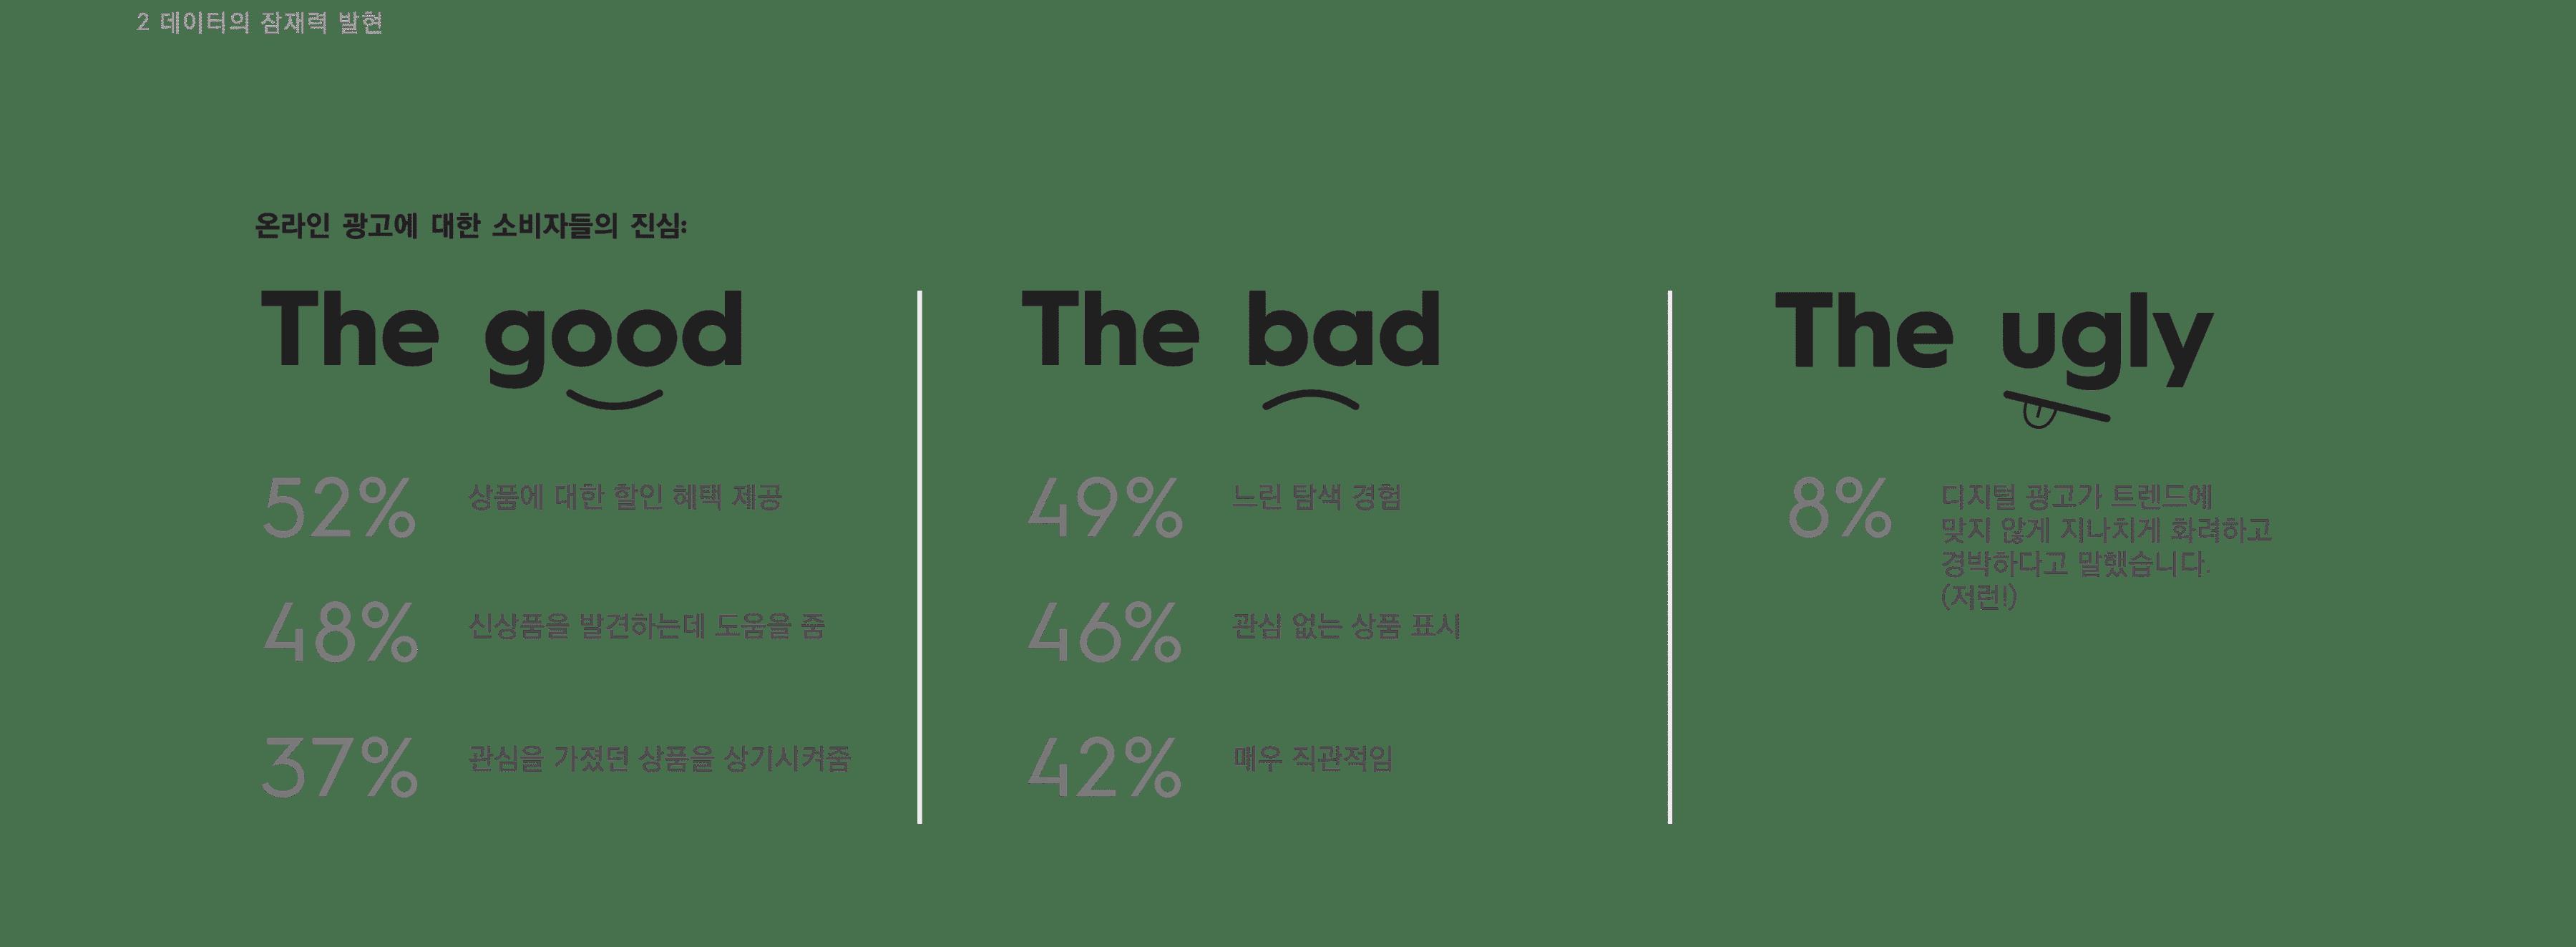 온라인 광고에 대한 소비자들의 진심